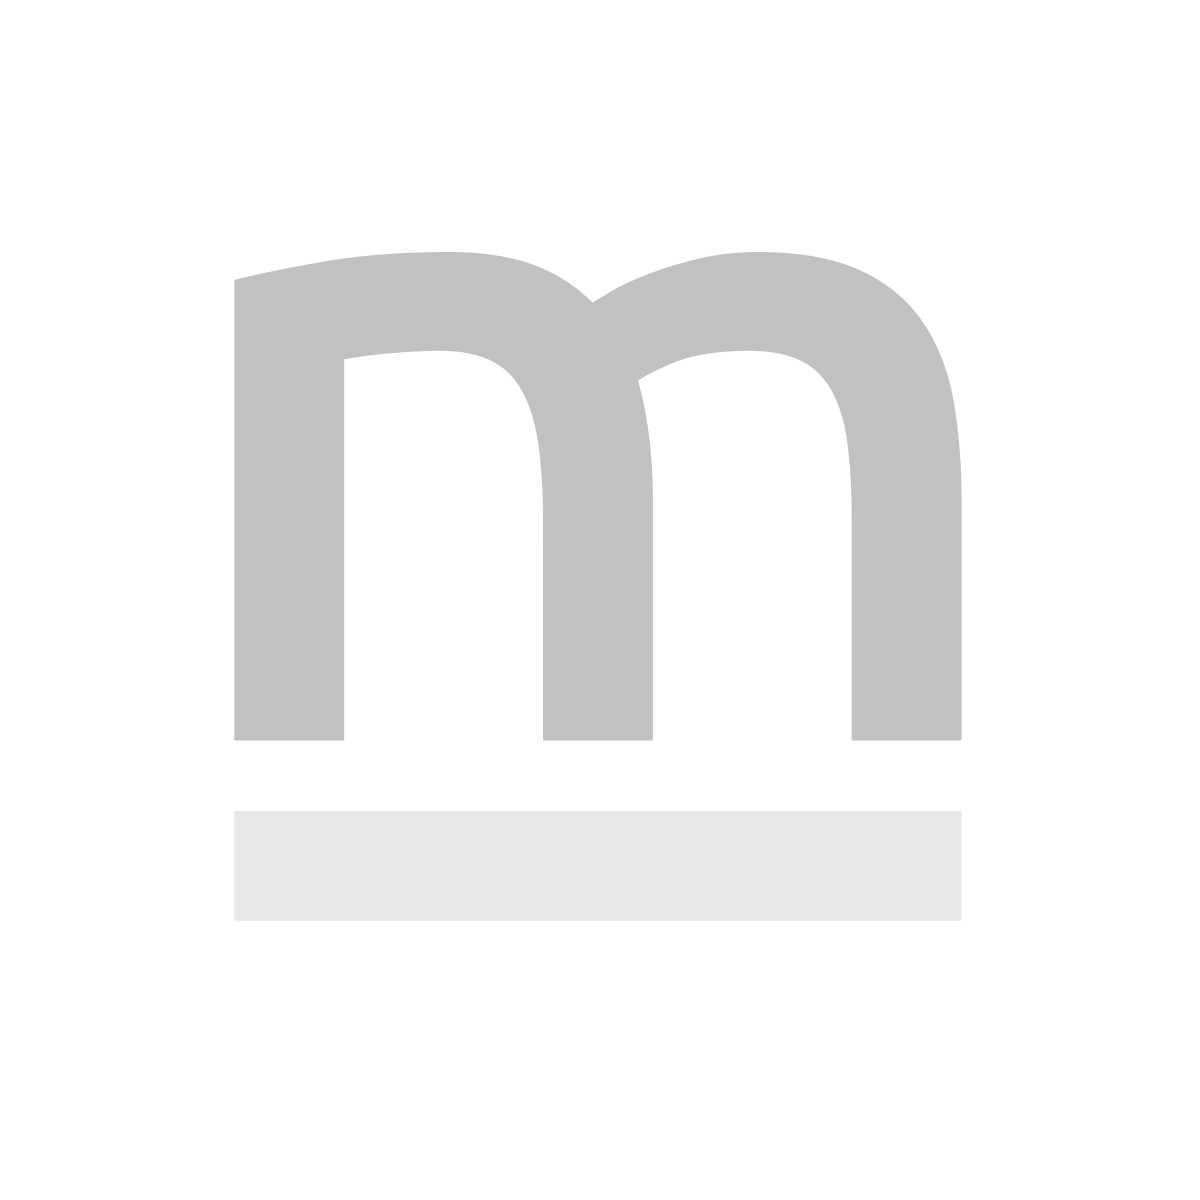 Parawan 3-częściowy - Ażurowe kwiaty [Room Dividers]